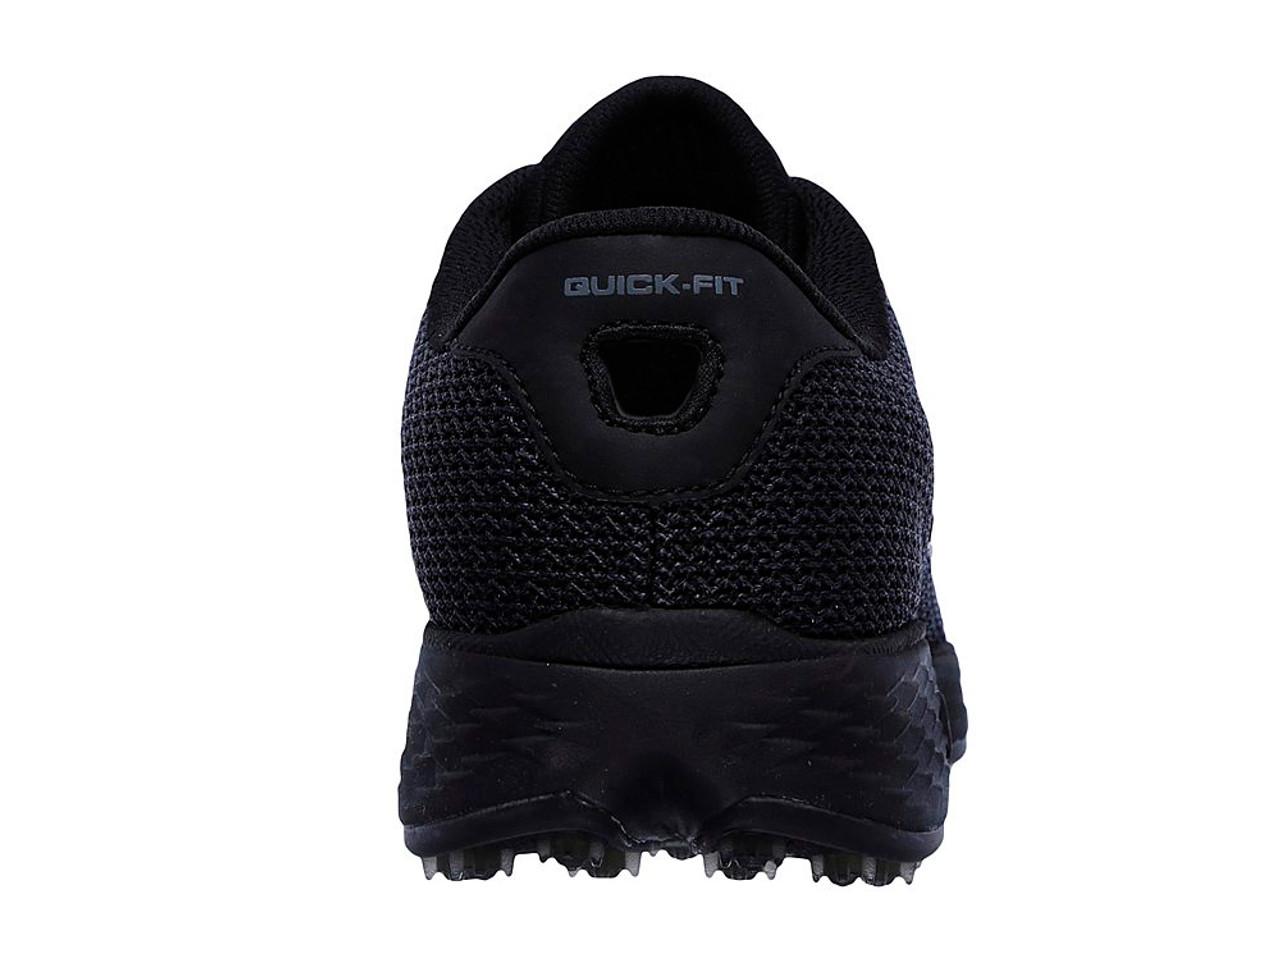 0e58d65d83 Skechers Ladies Go Golf Eagle Golf Shoes - Black - Ladies For Sale ...